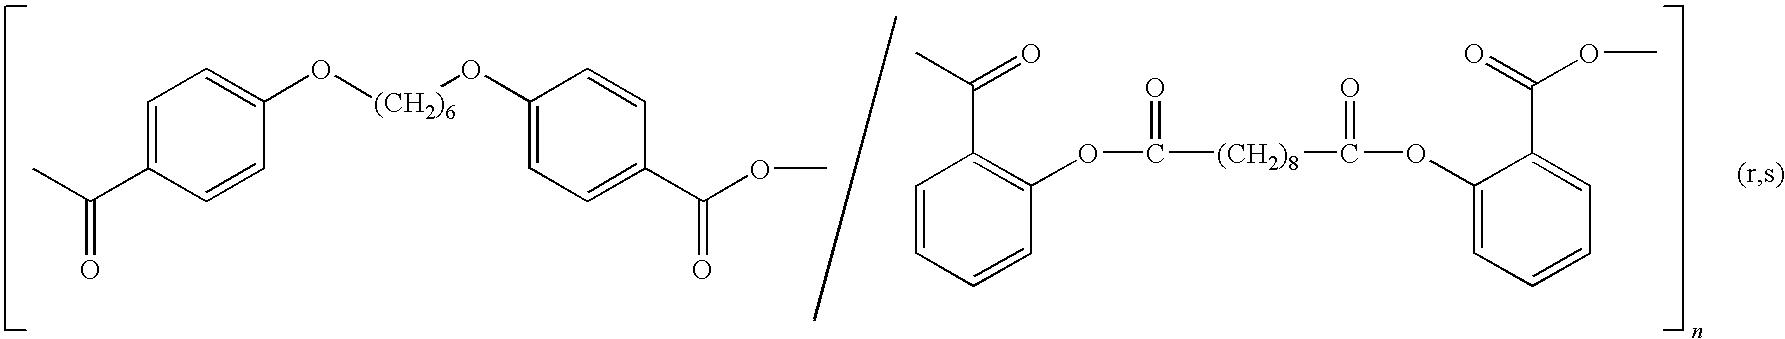 Figure US07875283-20110125-C00010